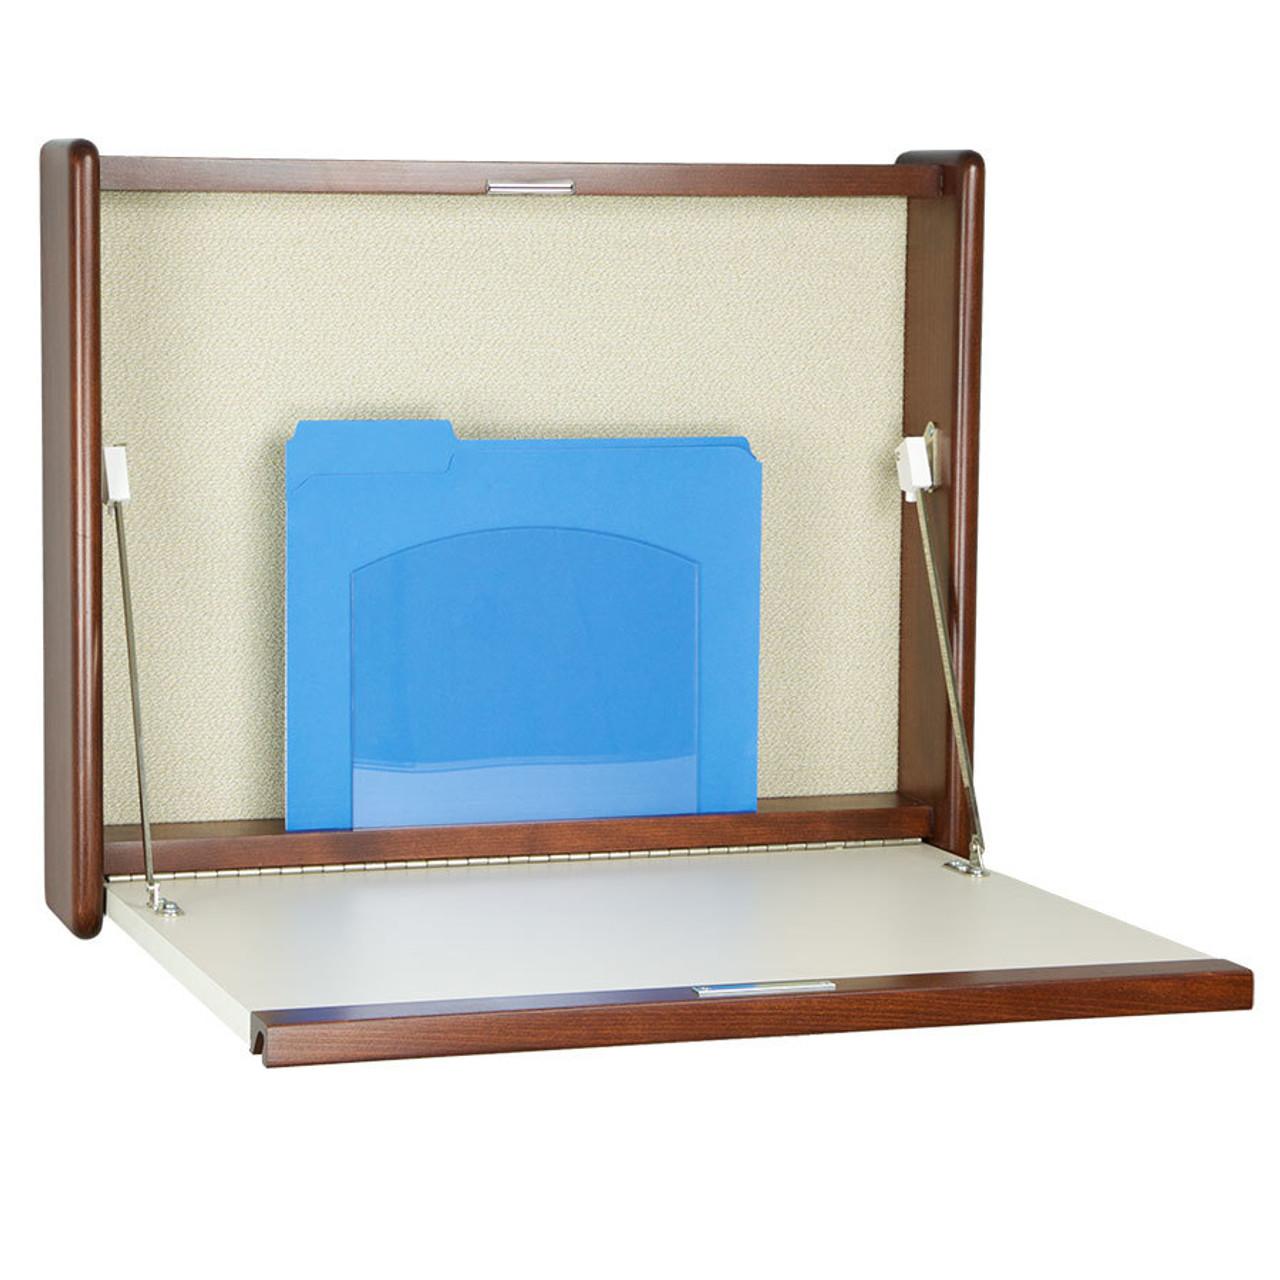 Peter Pepper Wall-Mounted Folding Express Desks